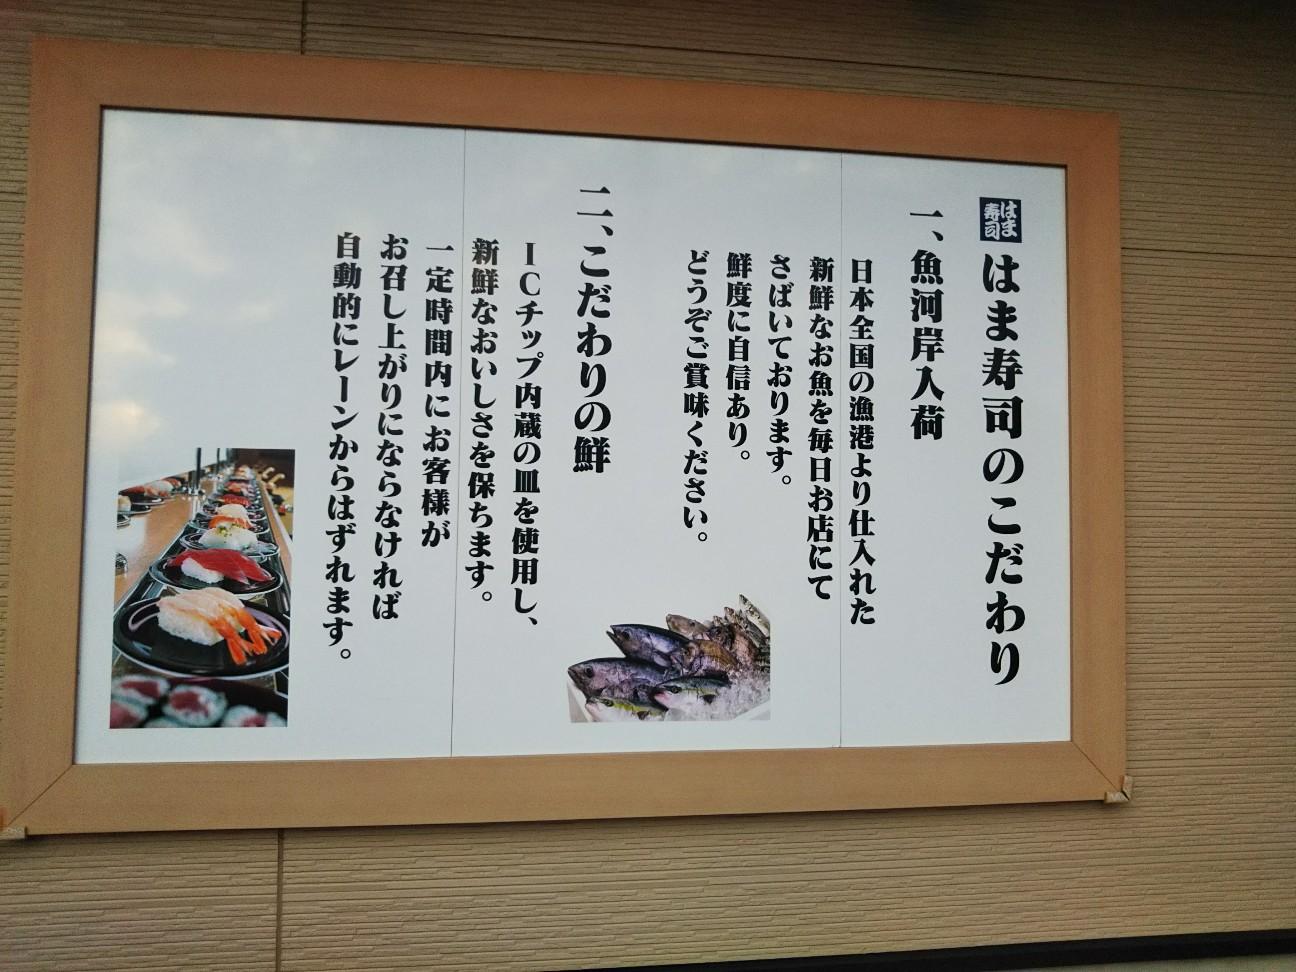 f:id:yujisyuji:20191125211444j:image